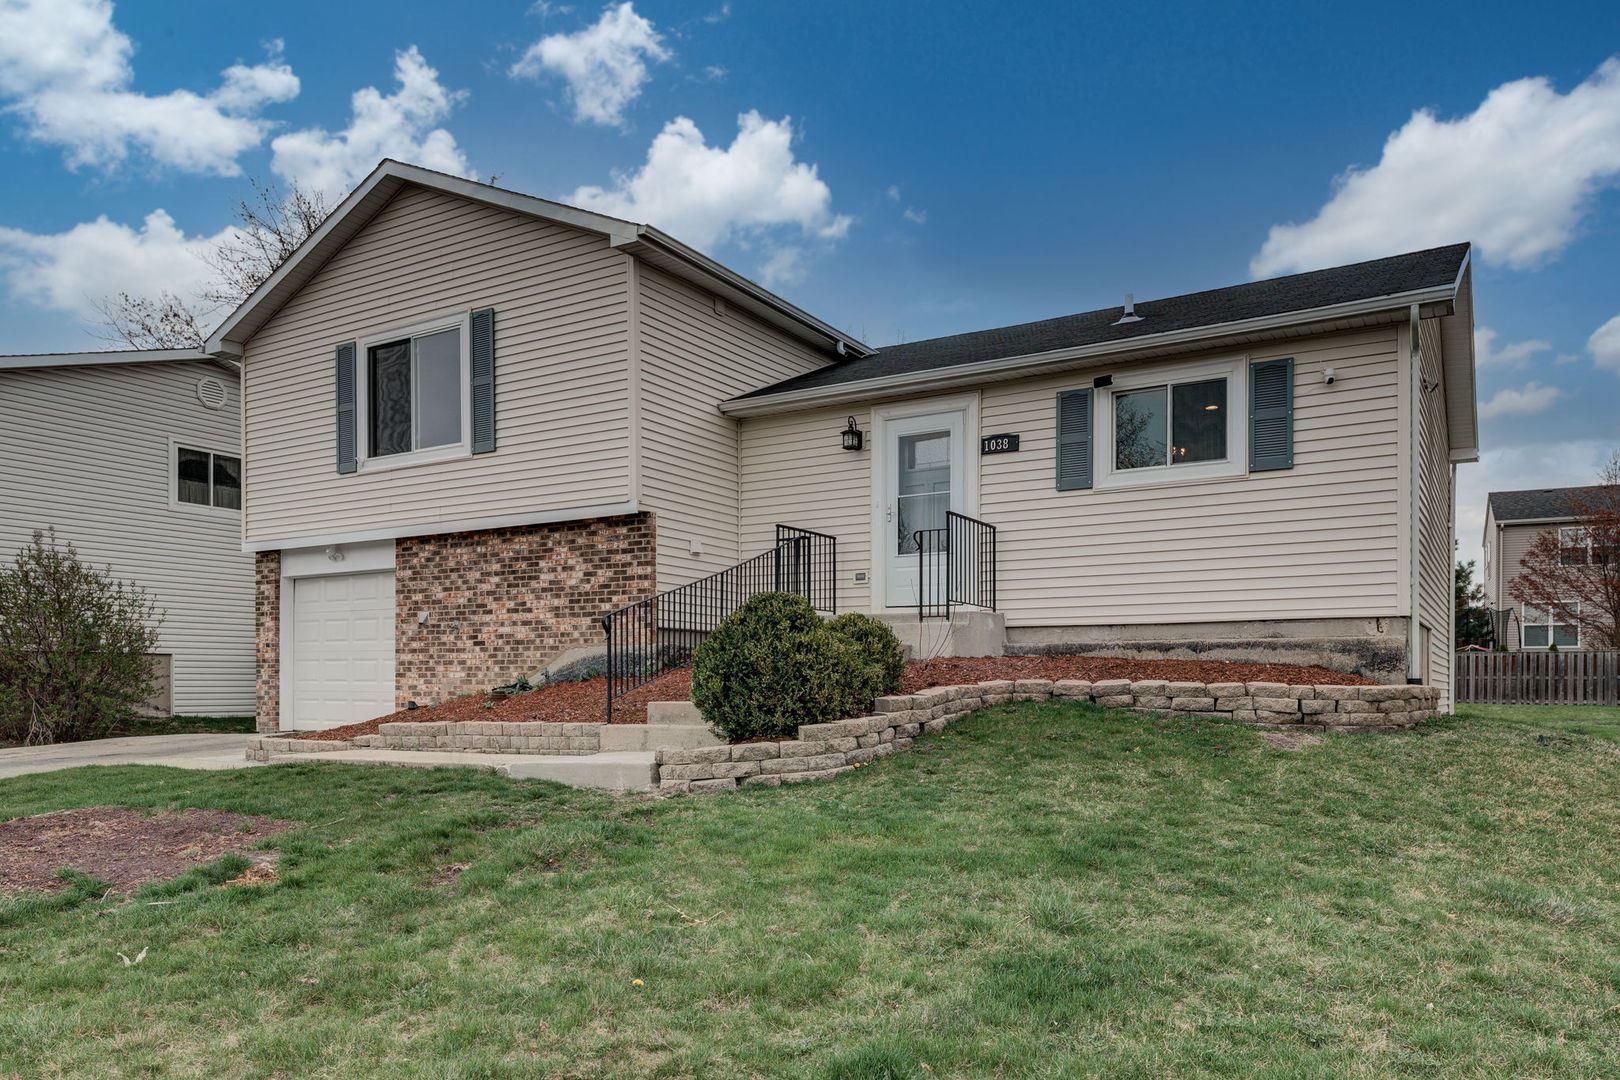 Photo of 1038 Ridgewood Drive, Bolingbrook, IL 60440 (MLS # 11047247)